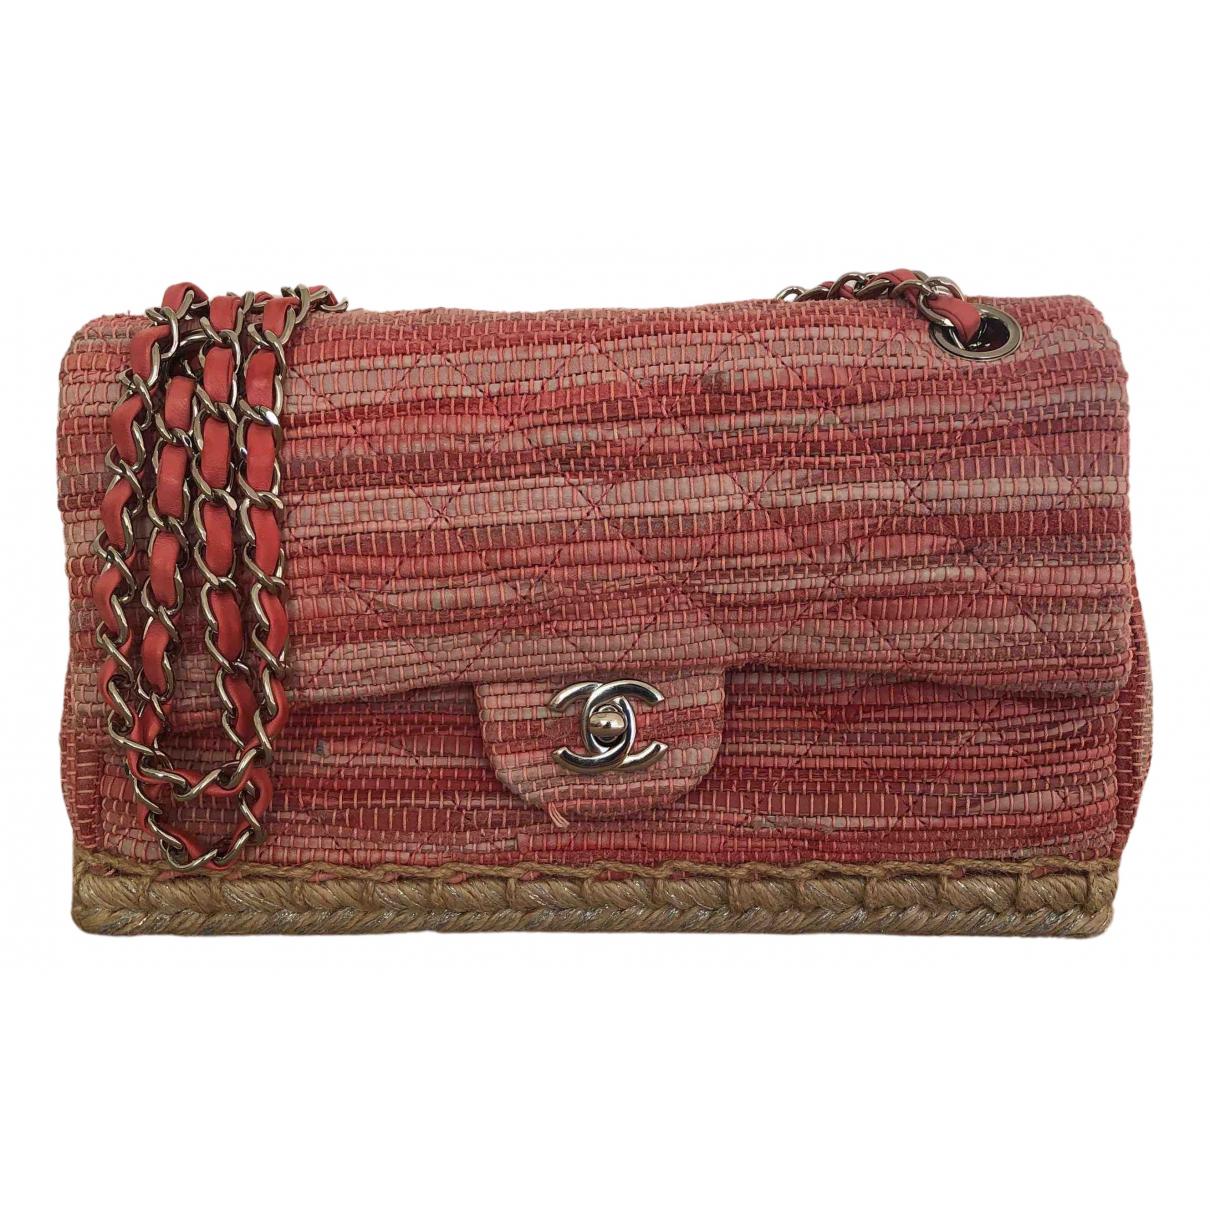 Chanel - Sac a main Timeless/Classique pour femme en toile - rose